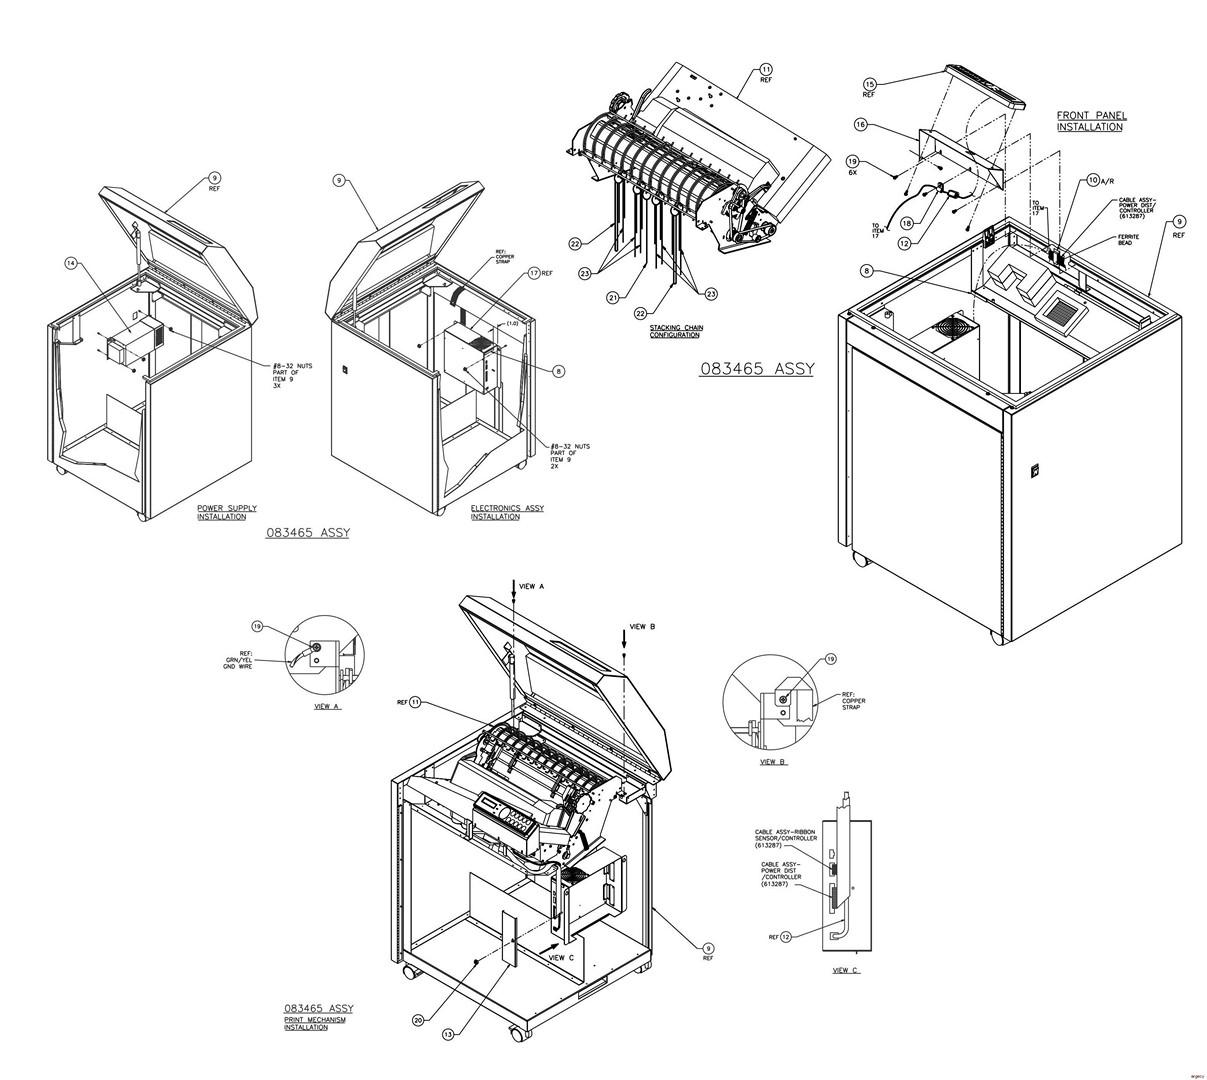 https://www.argecy.com/images/T6215_parts-5.jpg